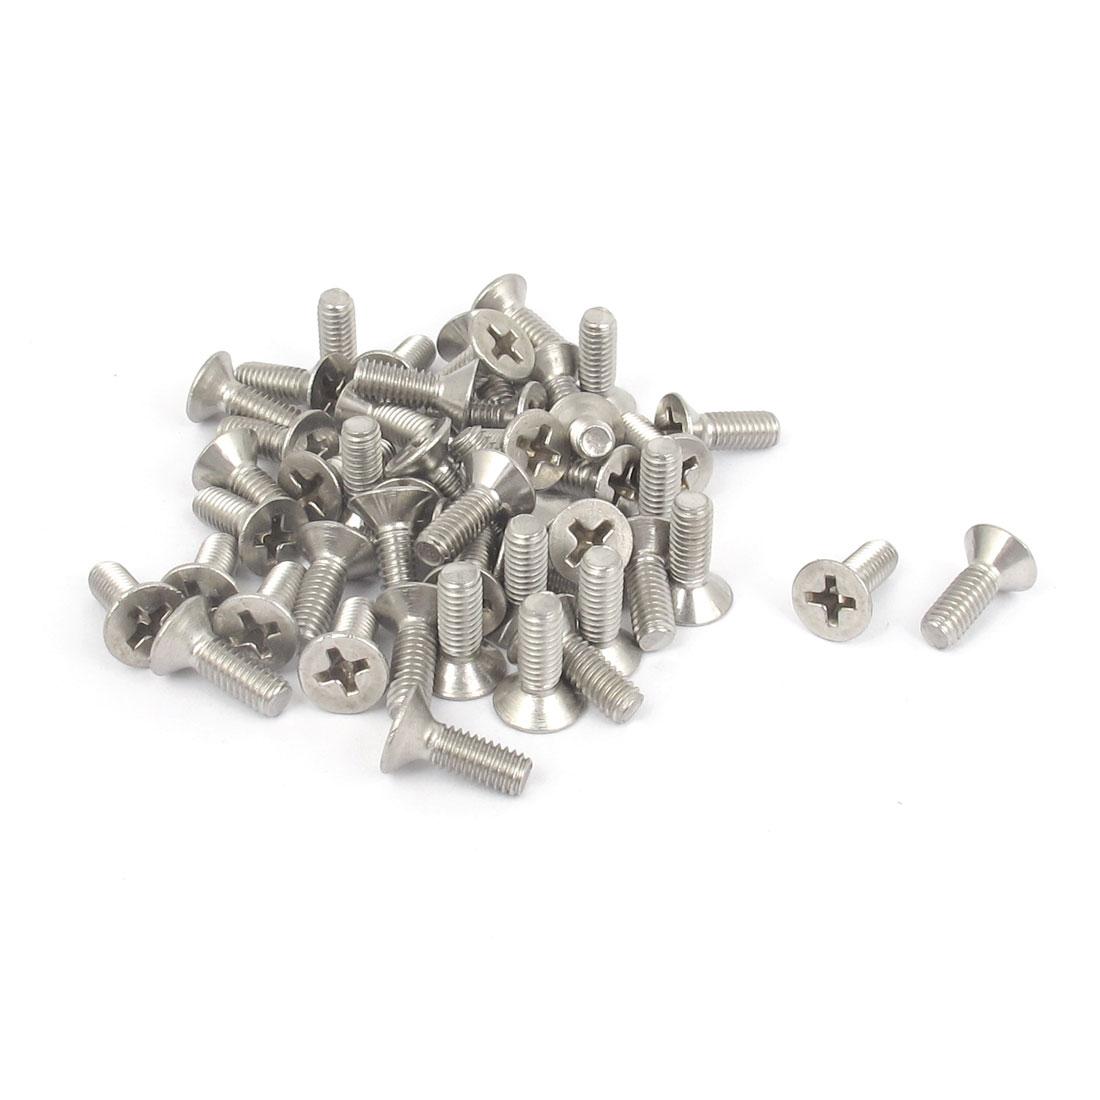 M4 x 12mm Metric Phillips Flat Head Countersunk Bolts Machine Screws 50pcs